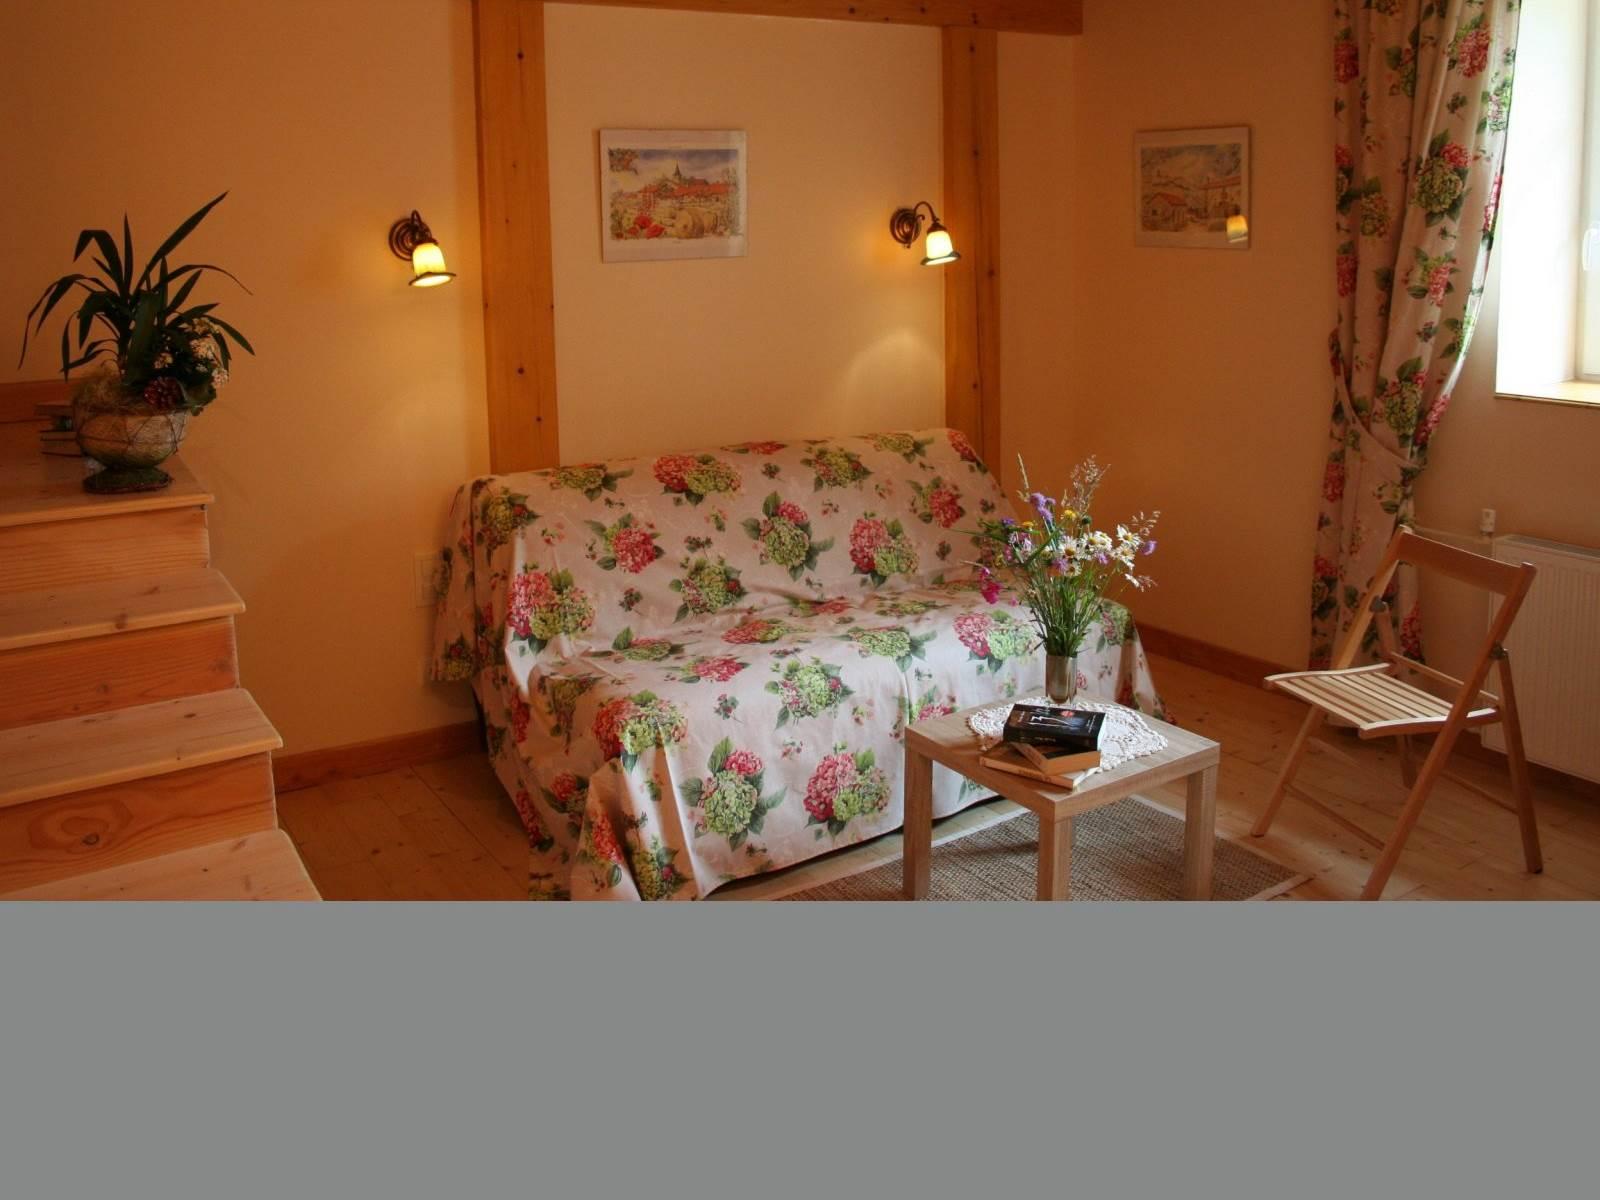 Chambre d'Hôtes Printaniére 45m², 2 à 4 personnes La landre, Le Clerjus, Bains les Bains, la Voge les Bains, Lorraine, Vosges